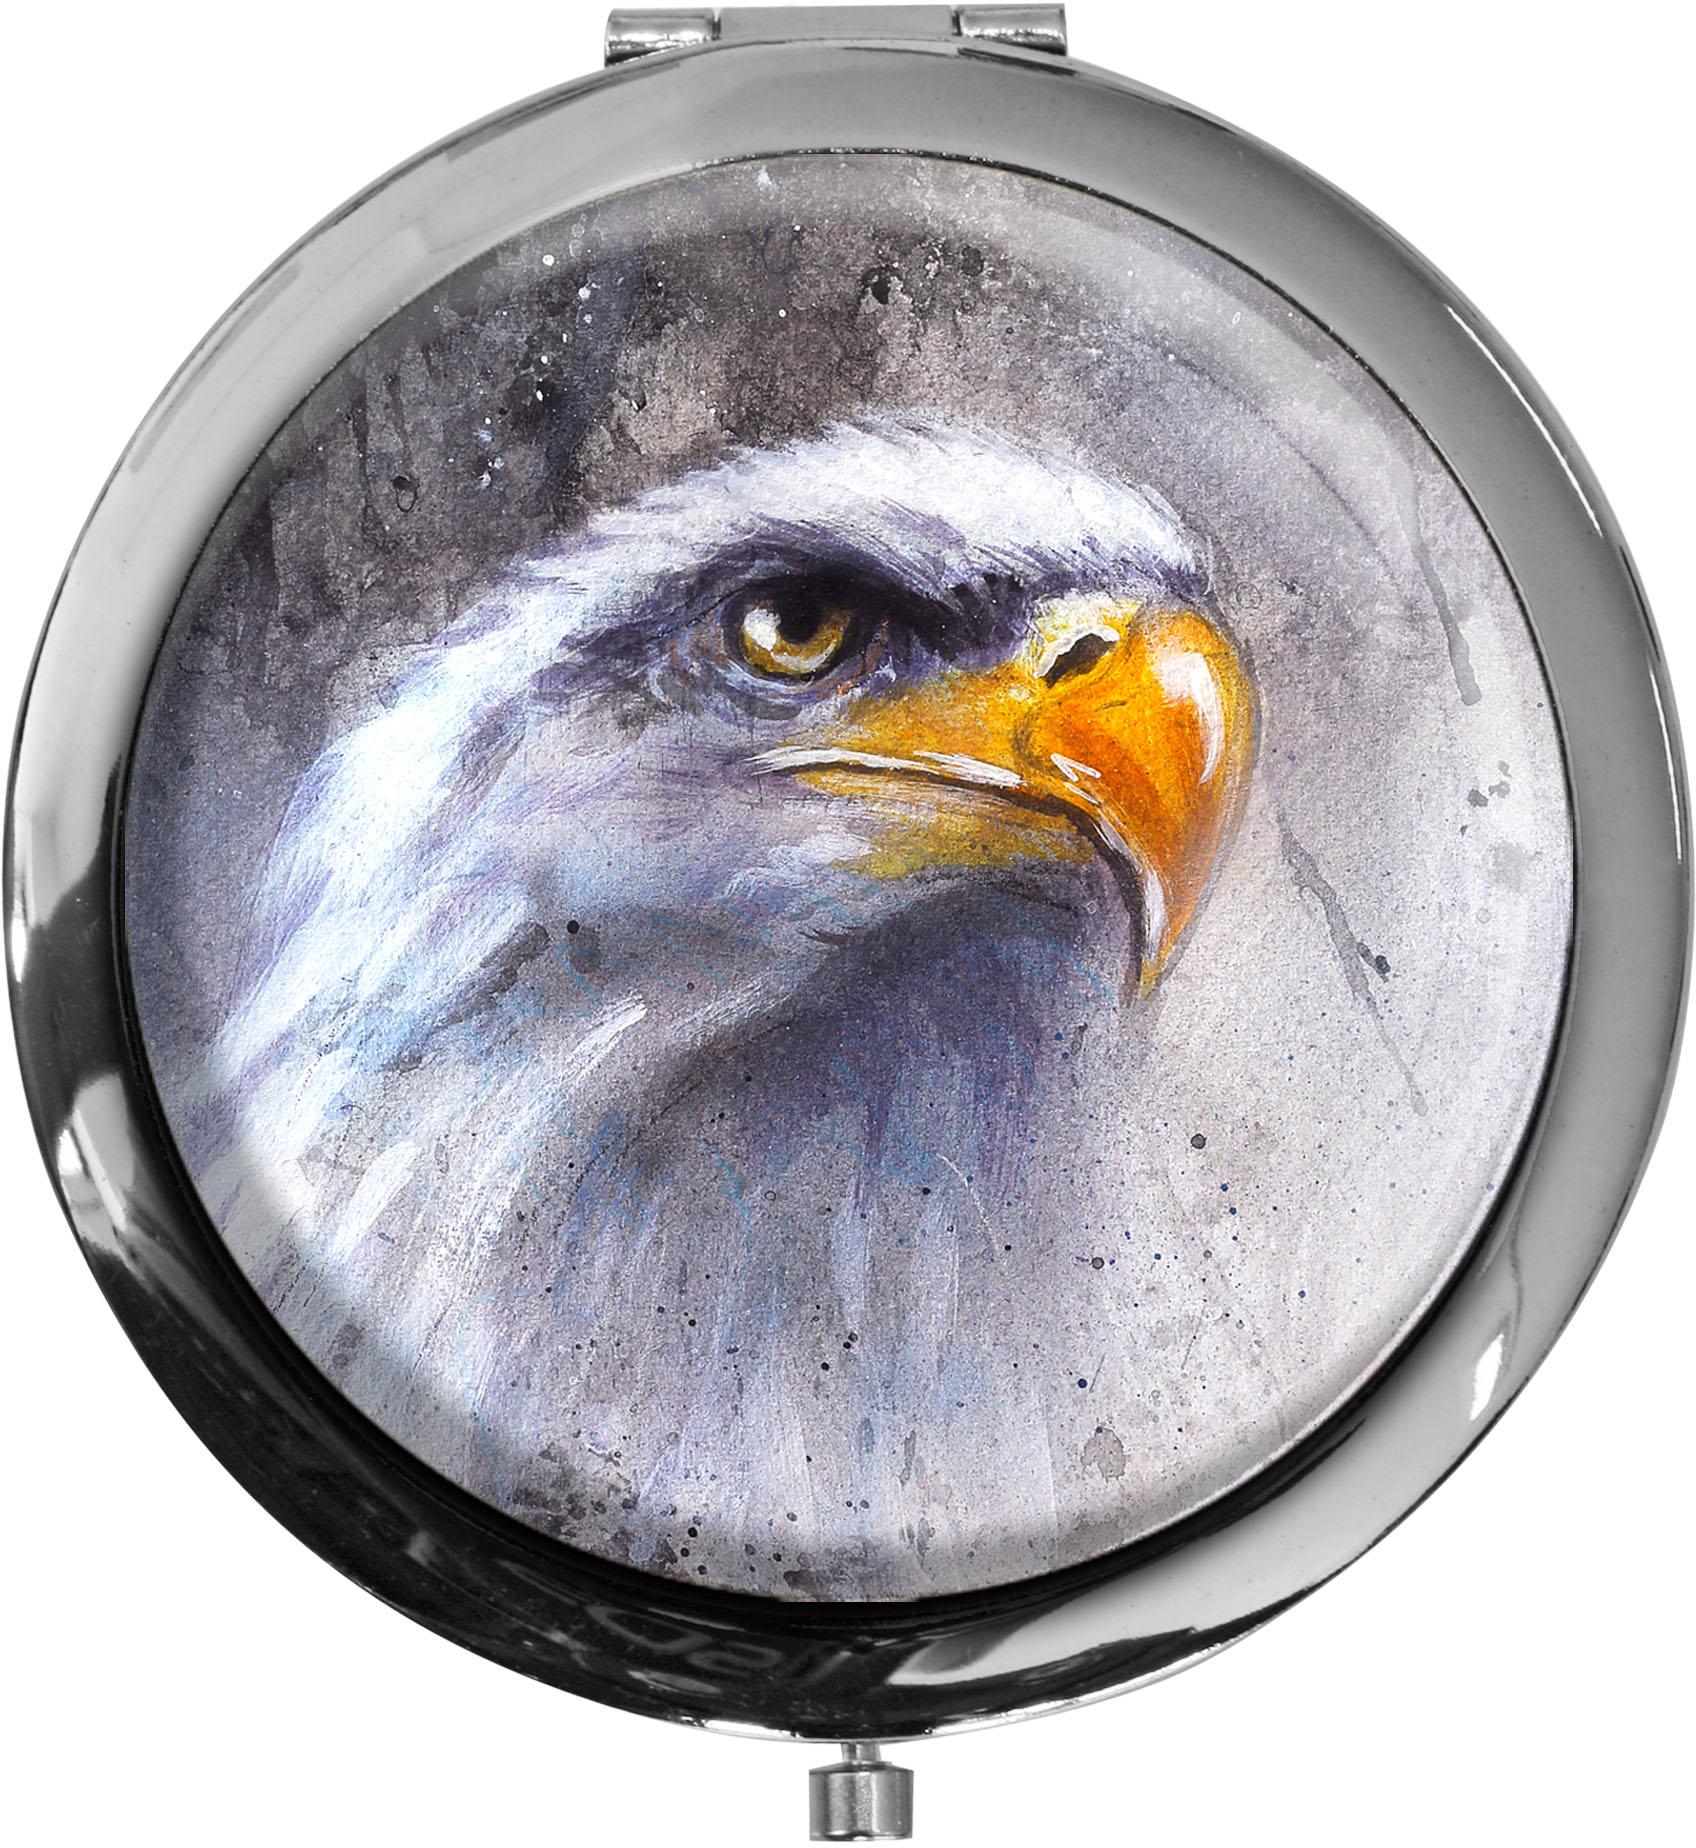 Taschenspiegel / Spiegel / Adler / Weißkopfseeadler / Raubvogel